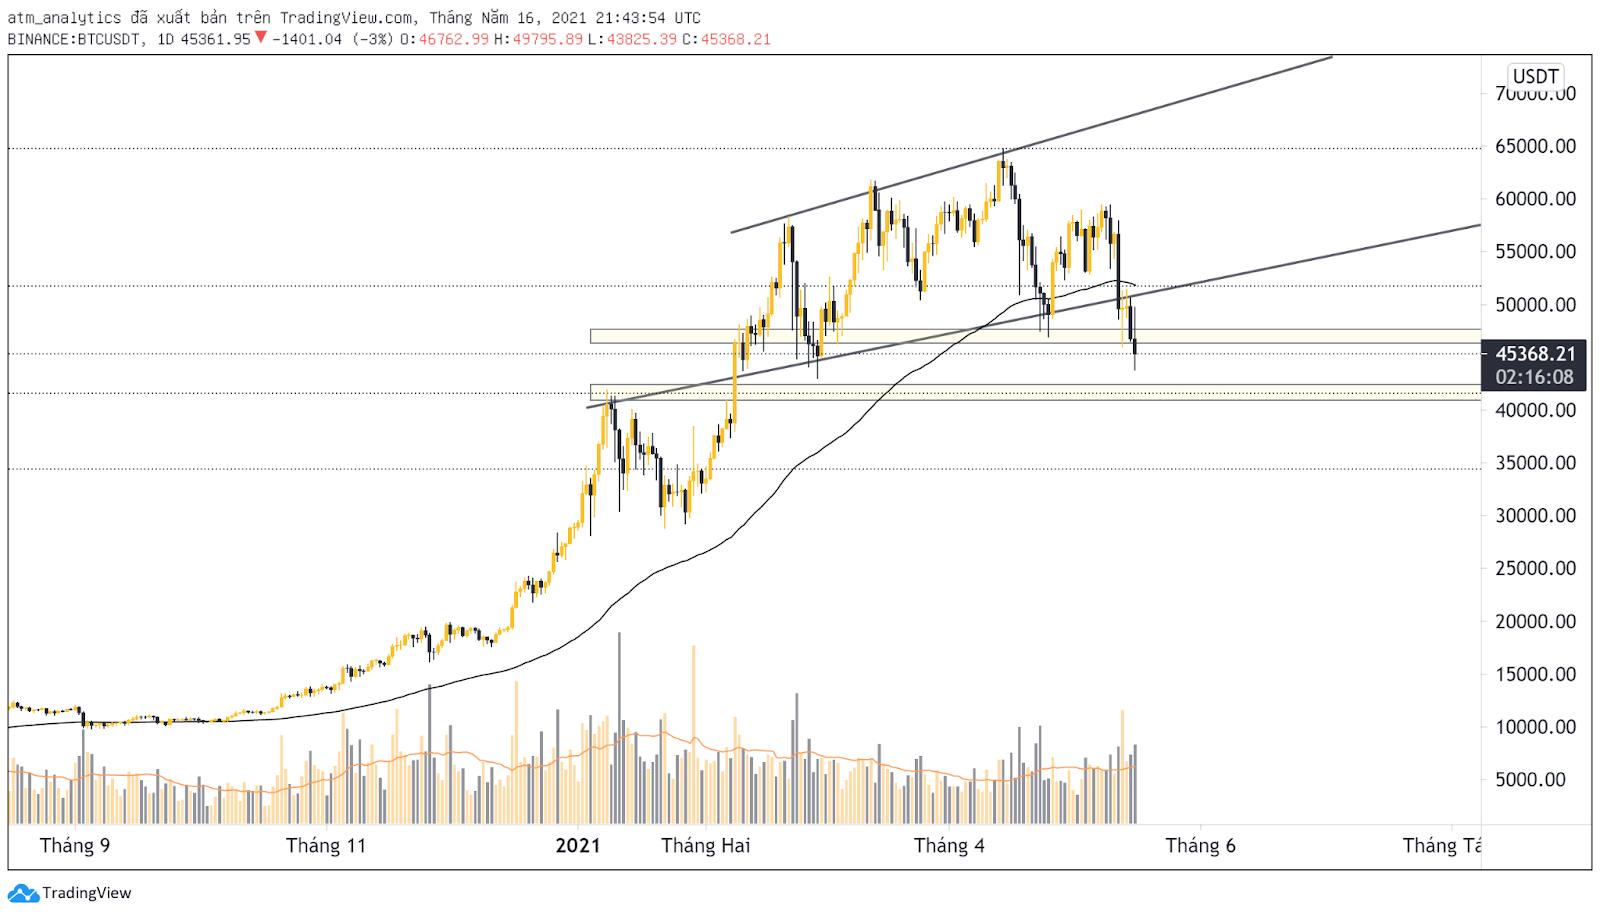 Thị trường đang Bearish